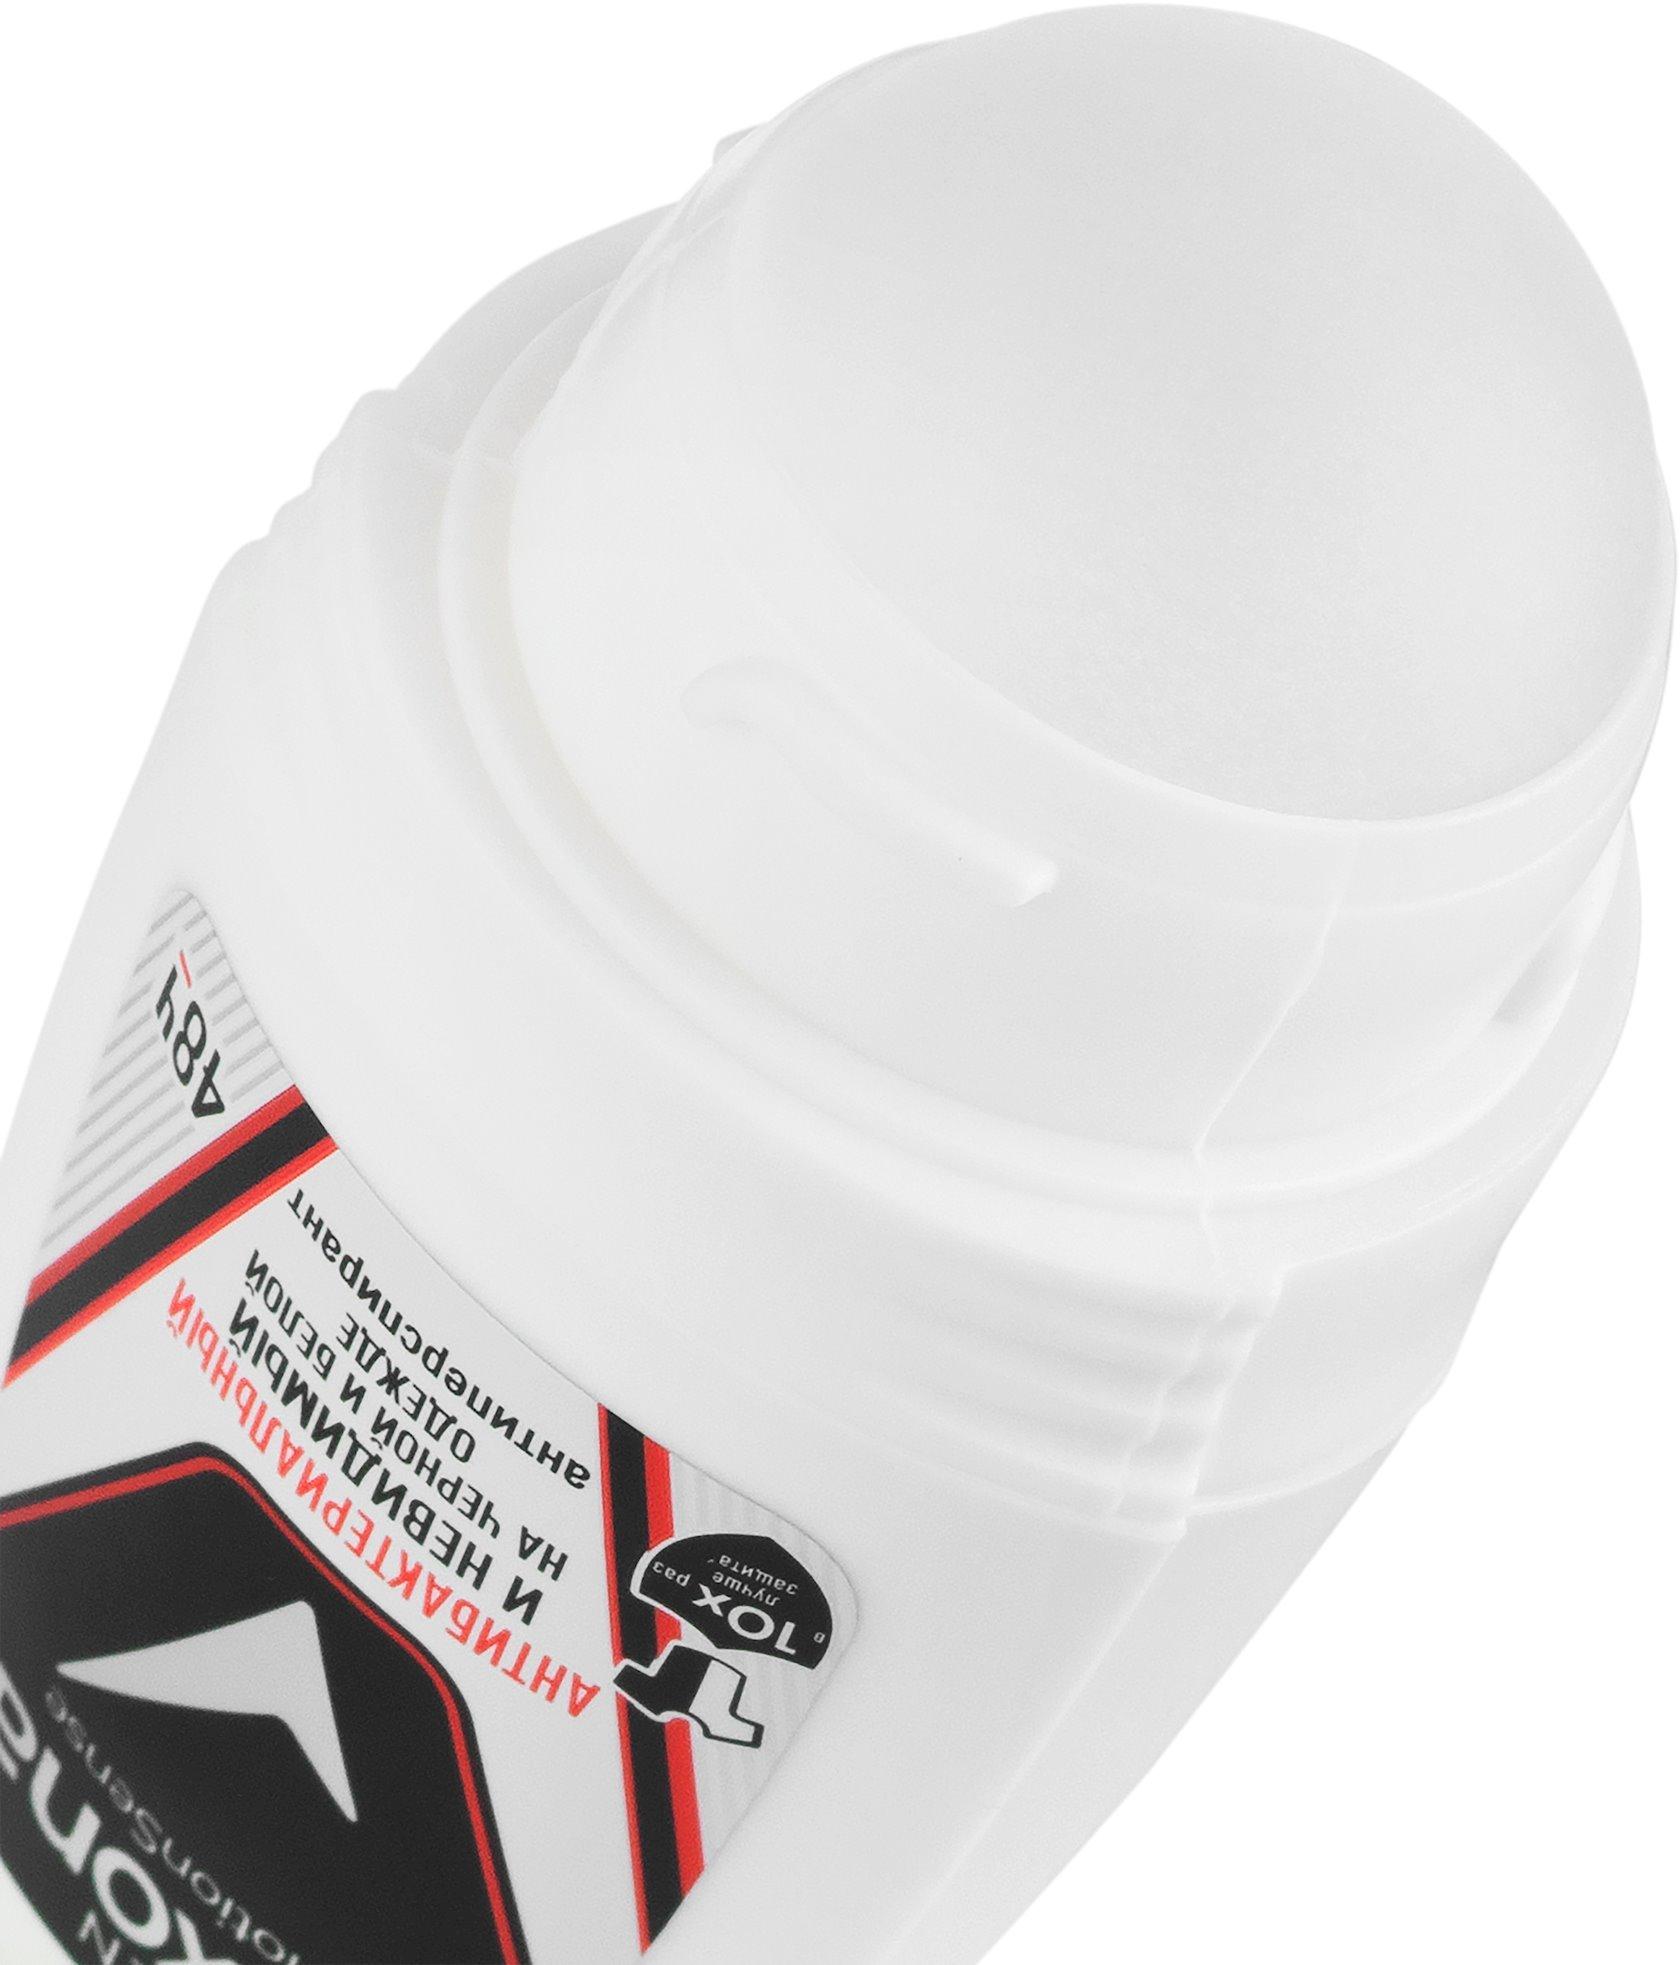 Antiperspirant diyircəkli Rexona Men Antibakterial və Görünməz ağ və qara paltar üçün 50 ml